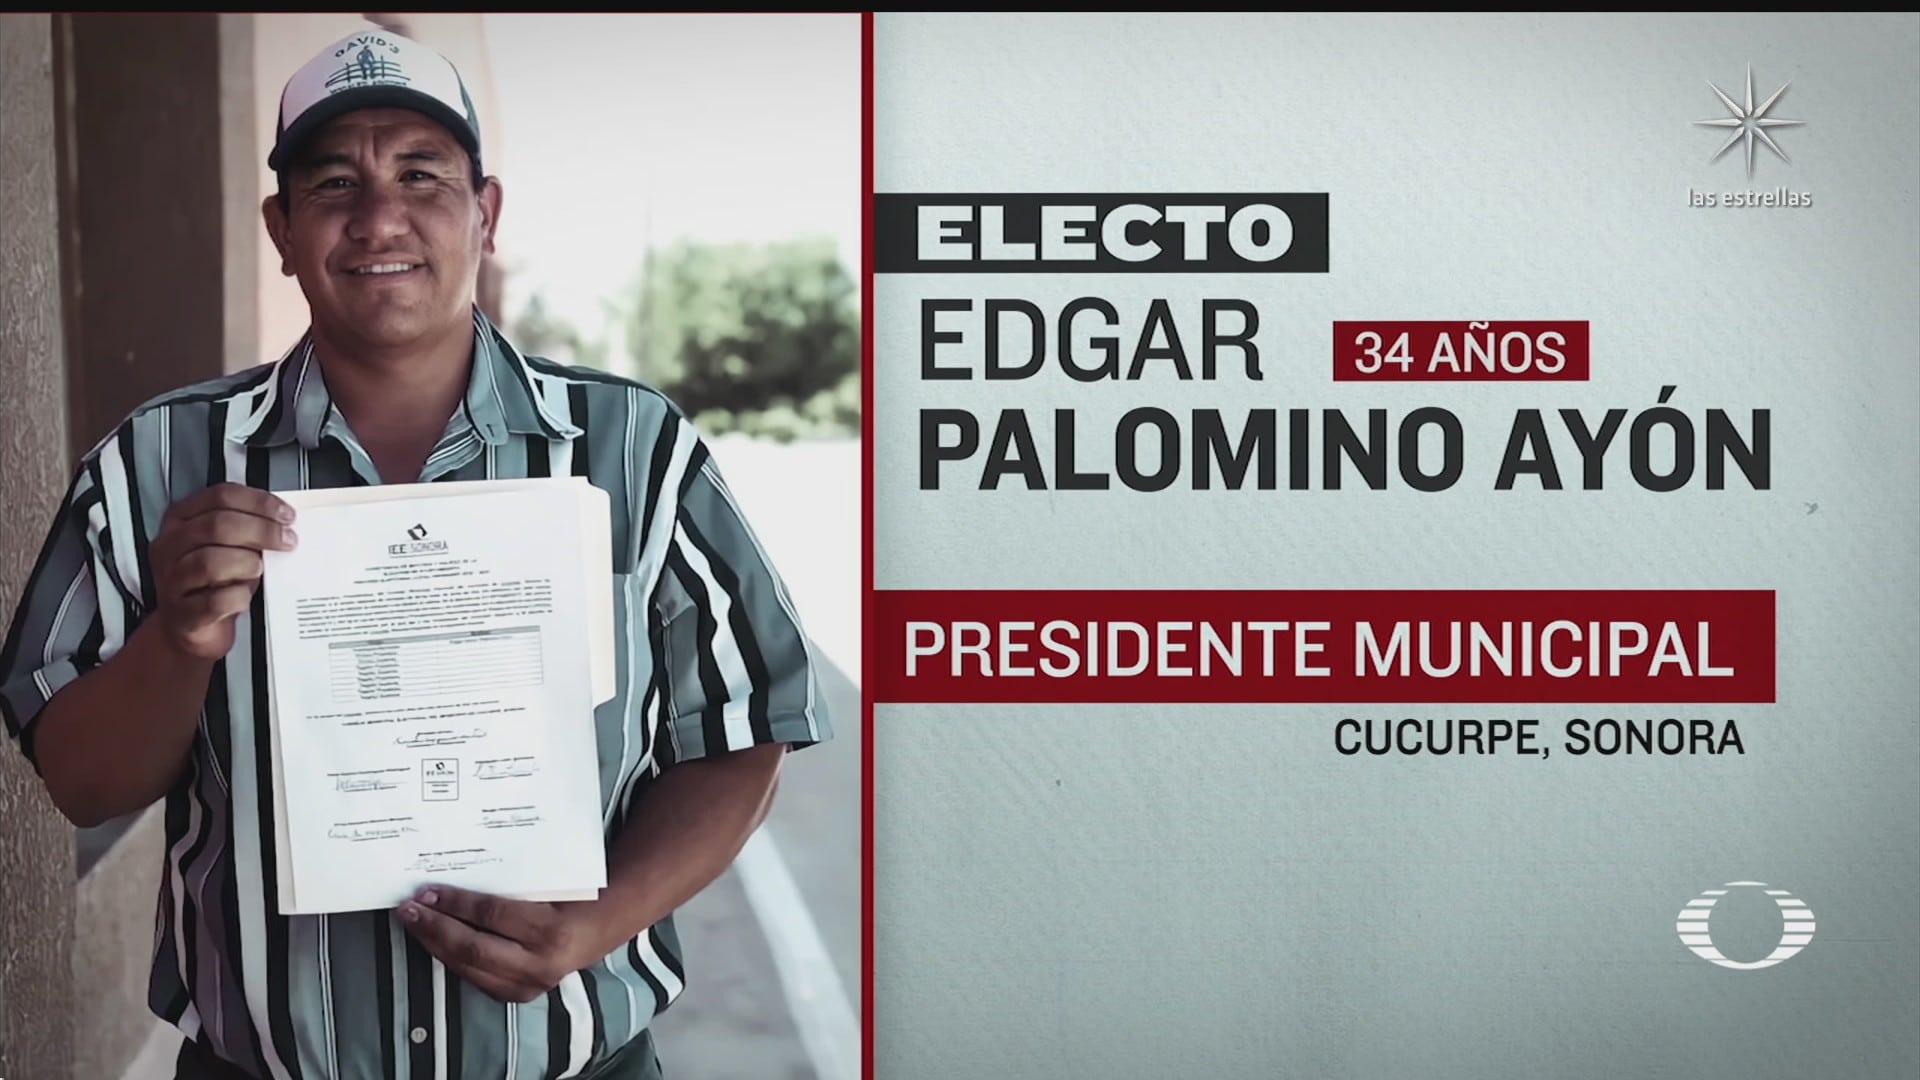 no era candidato y gano presidencia municipal de cucurpe sonora